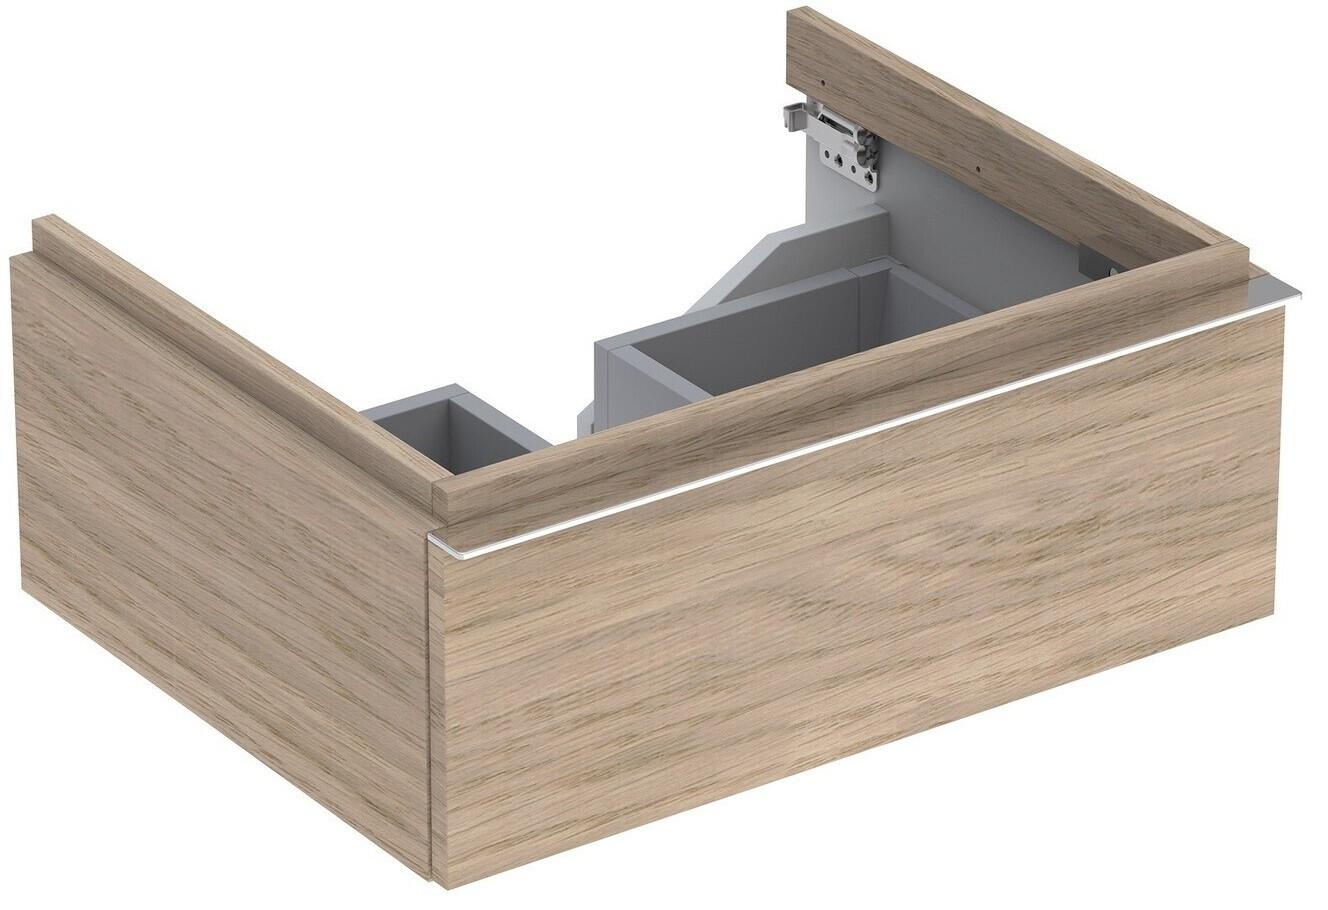 Meuble bas pour lavabo Geberit iCon 75 cm avec un tiroir en chêne naturel